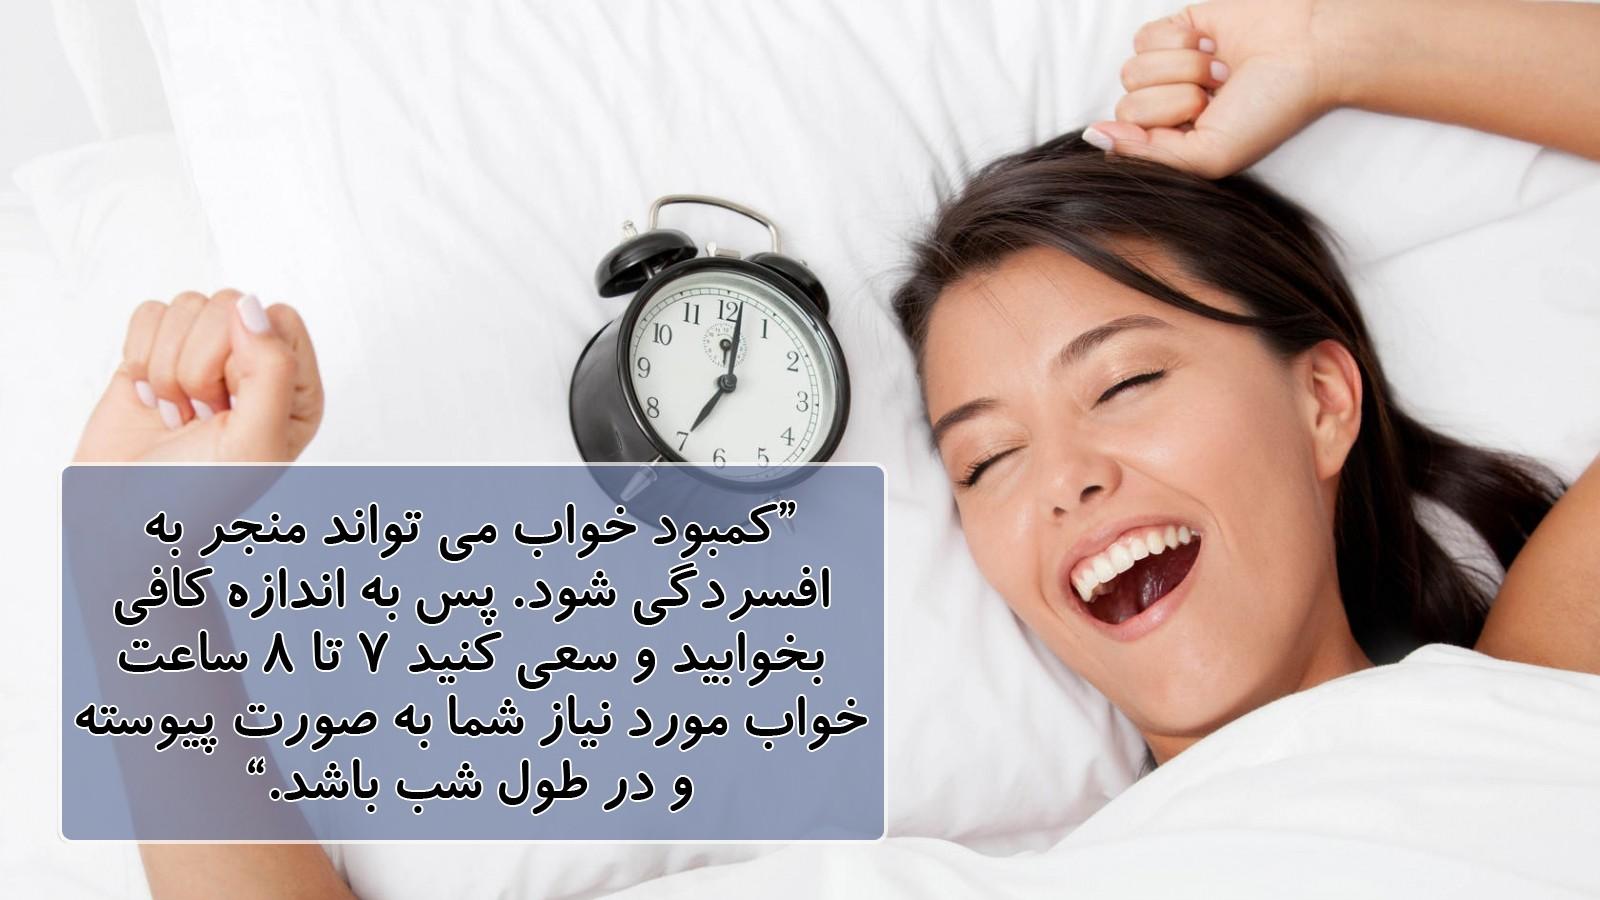 کمبود خواب و افسردگی